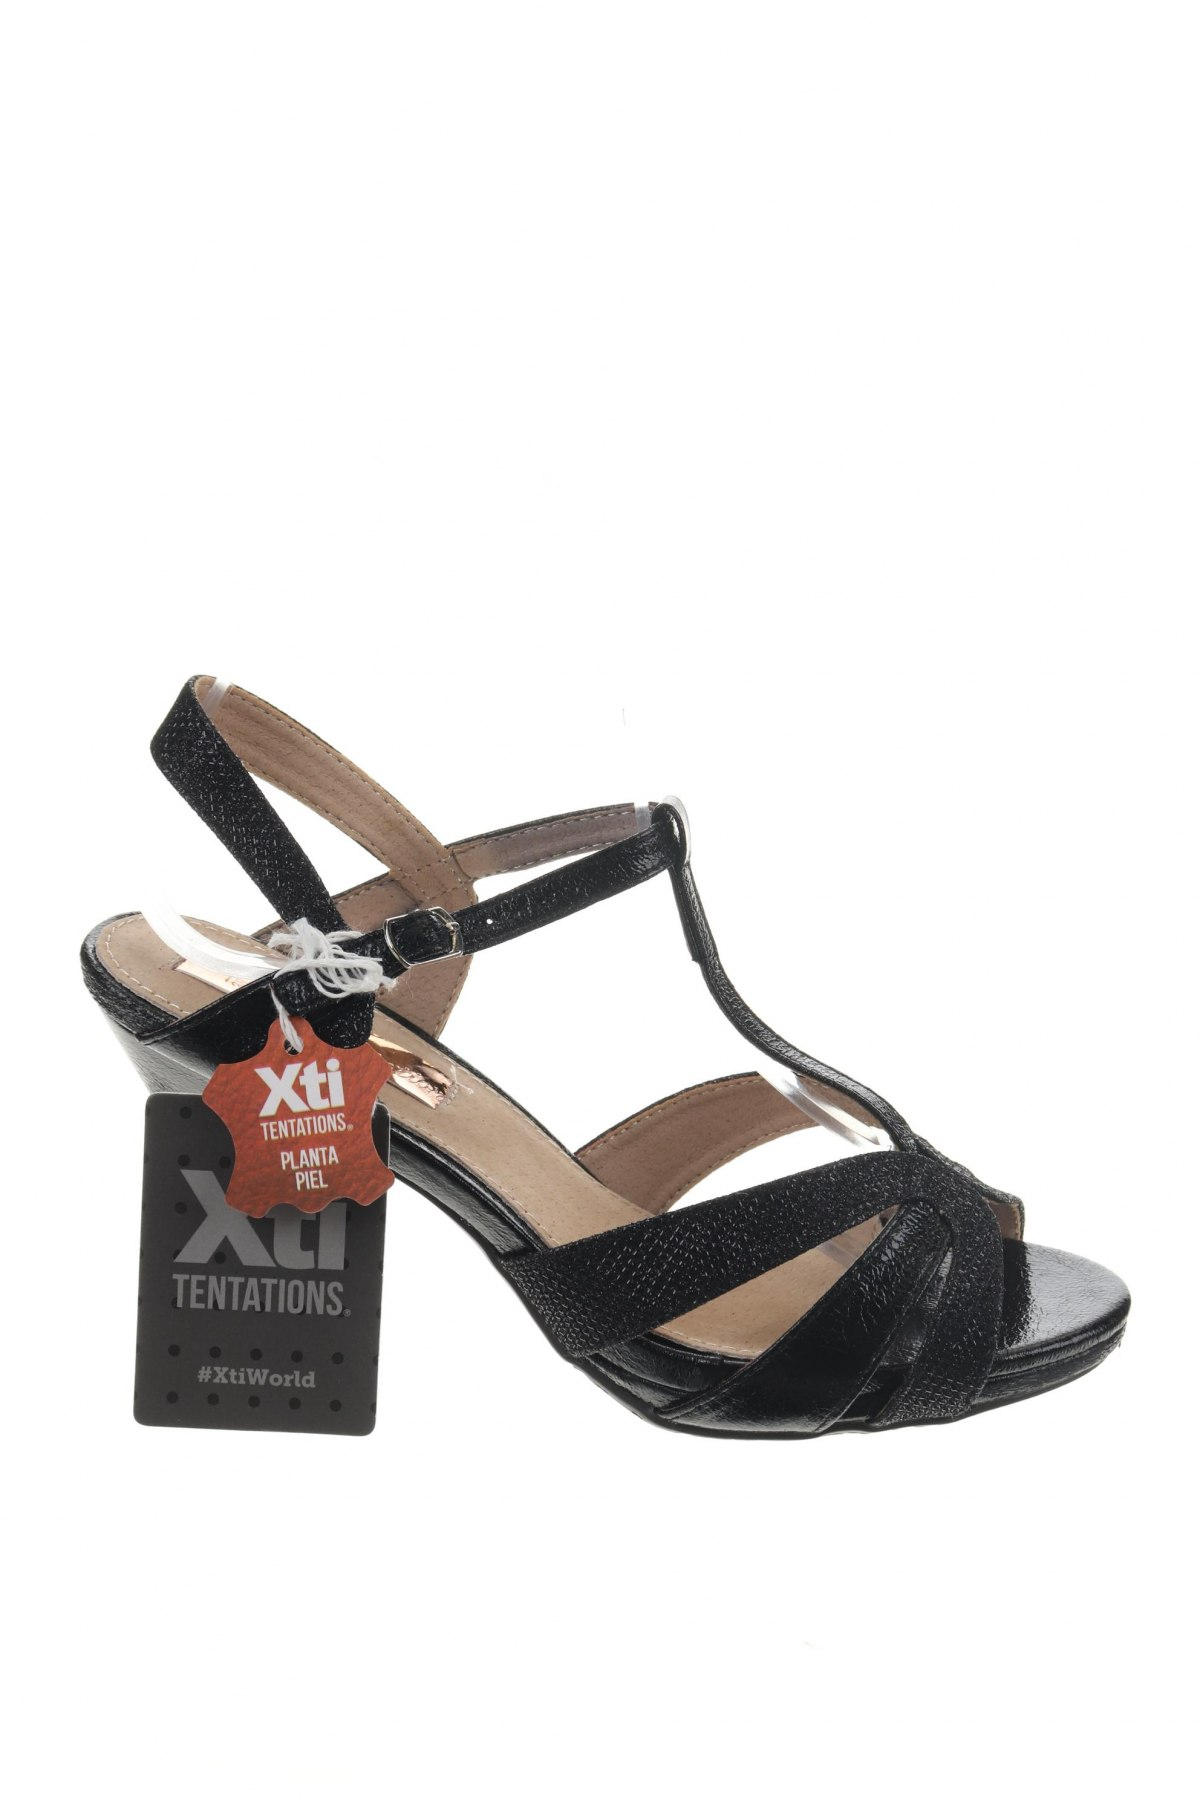 Σανδάλια Xti, Μέγεθος 38, Χρώμα Μαύρο, Δερματίνη, Τιμή 19,56€